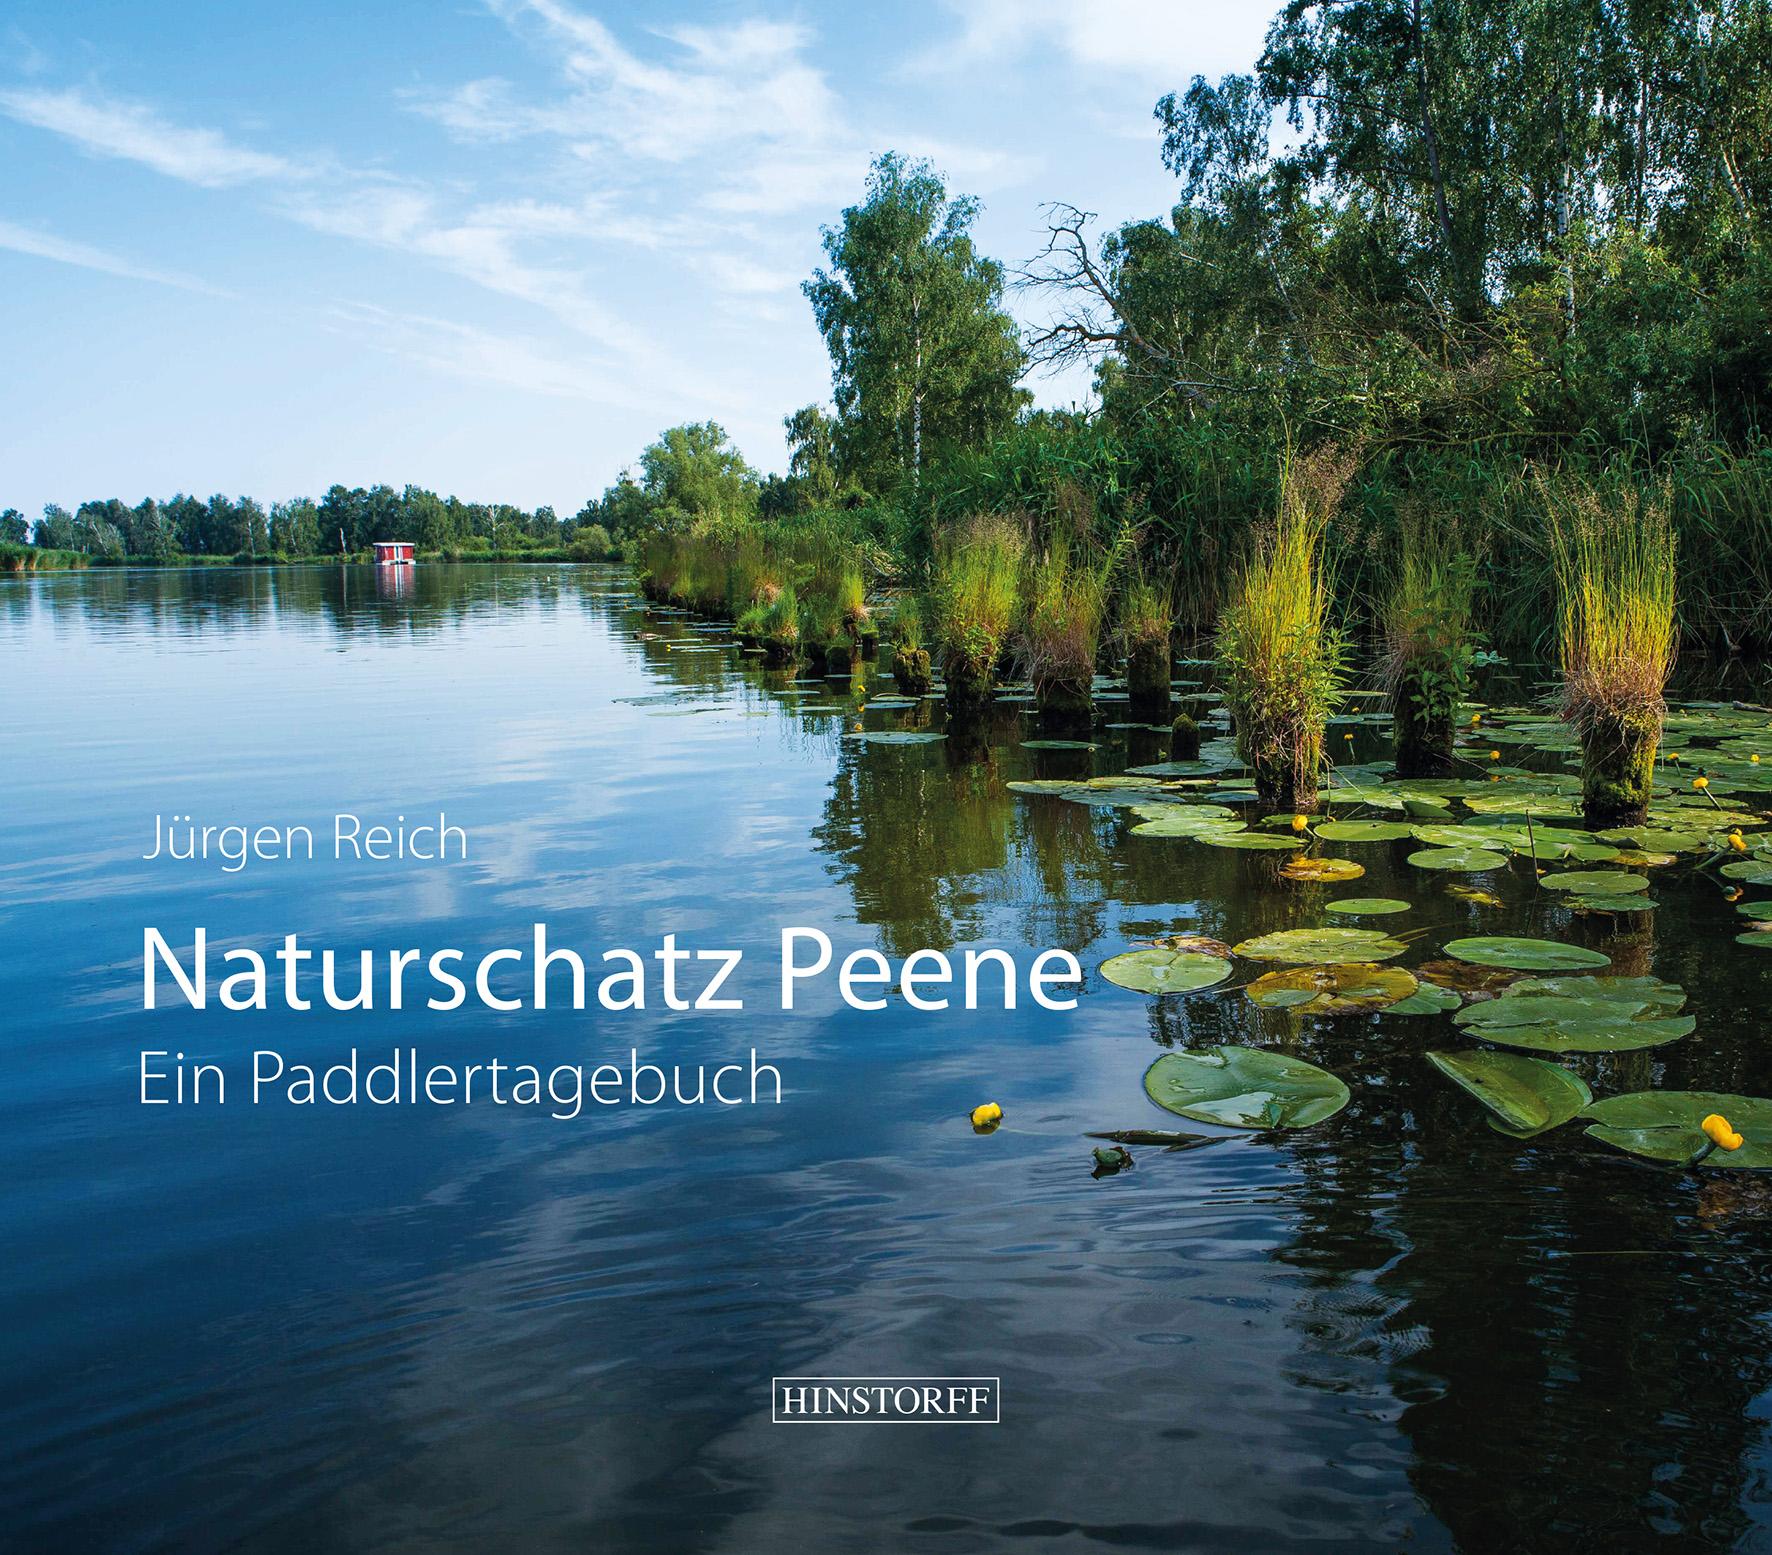 Naturschatz Peene. Ein Paddlertagebuch